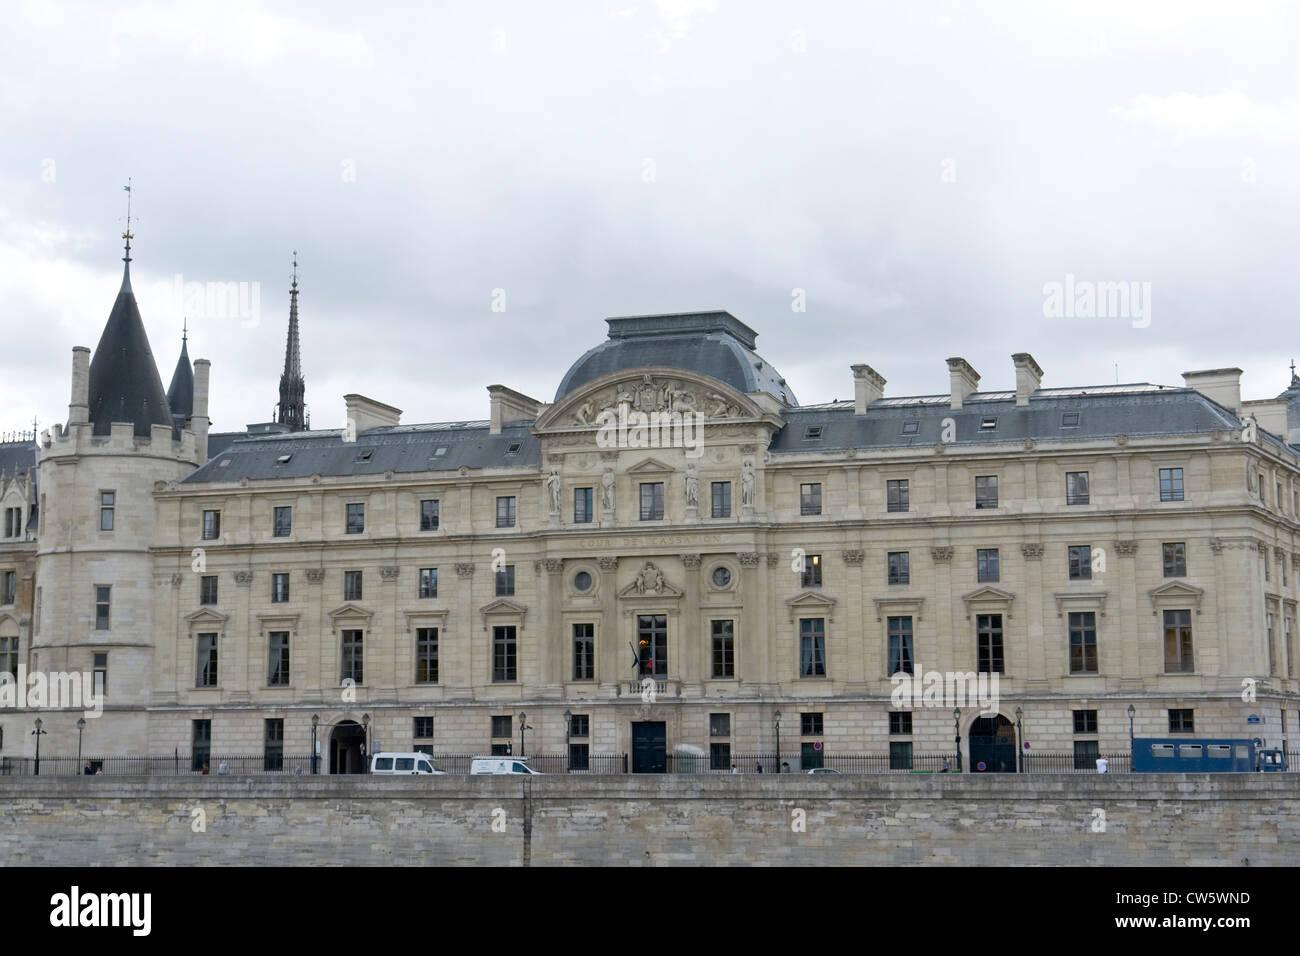 Tribunal de Commerce, Commercial Court, Paris. - Stock Image